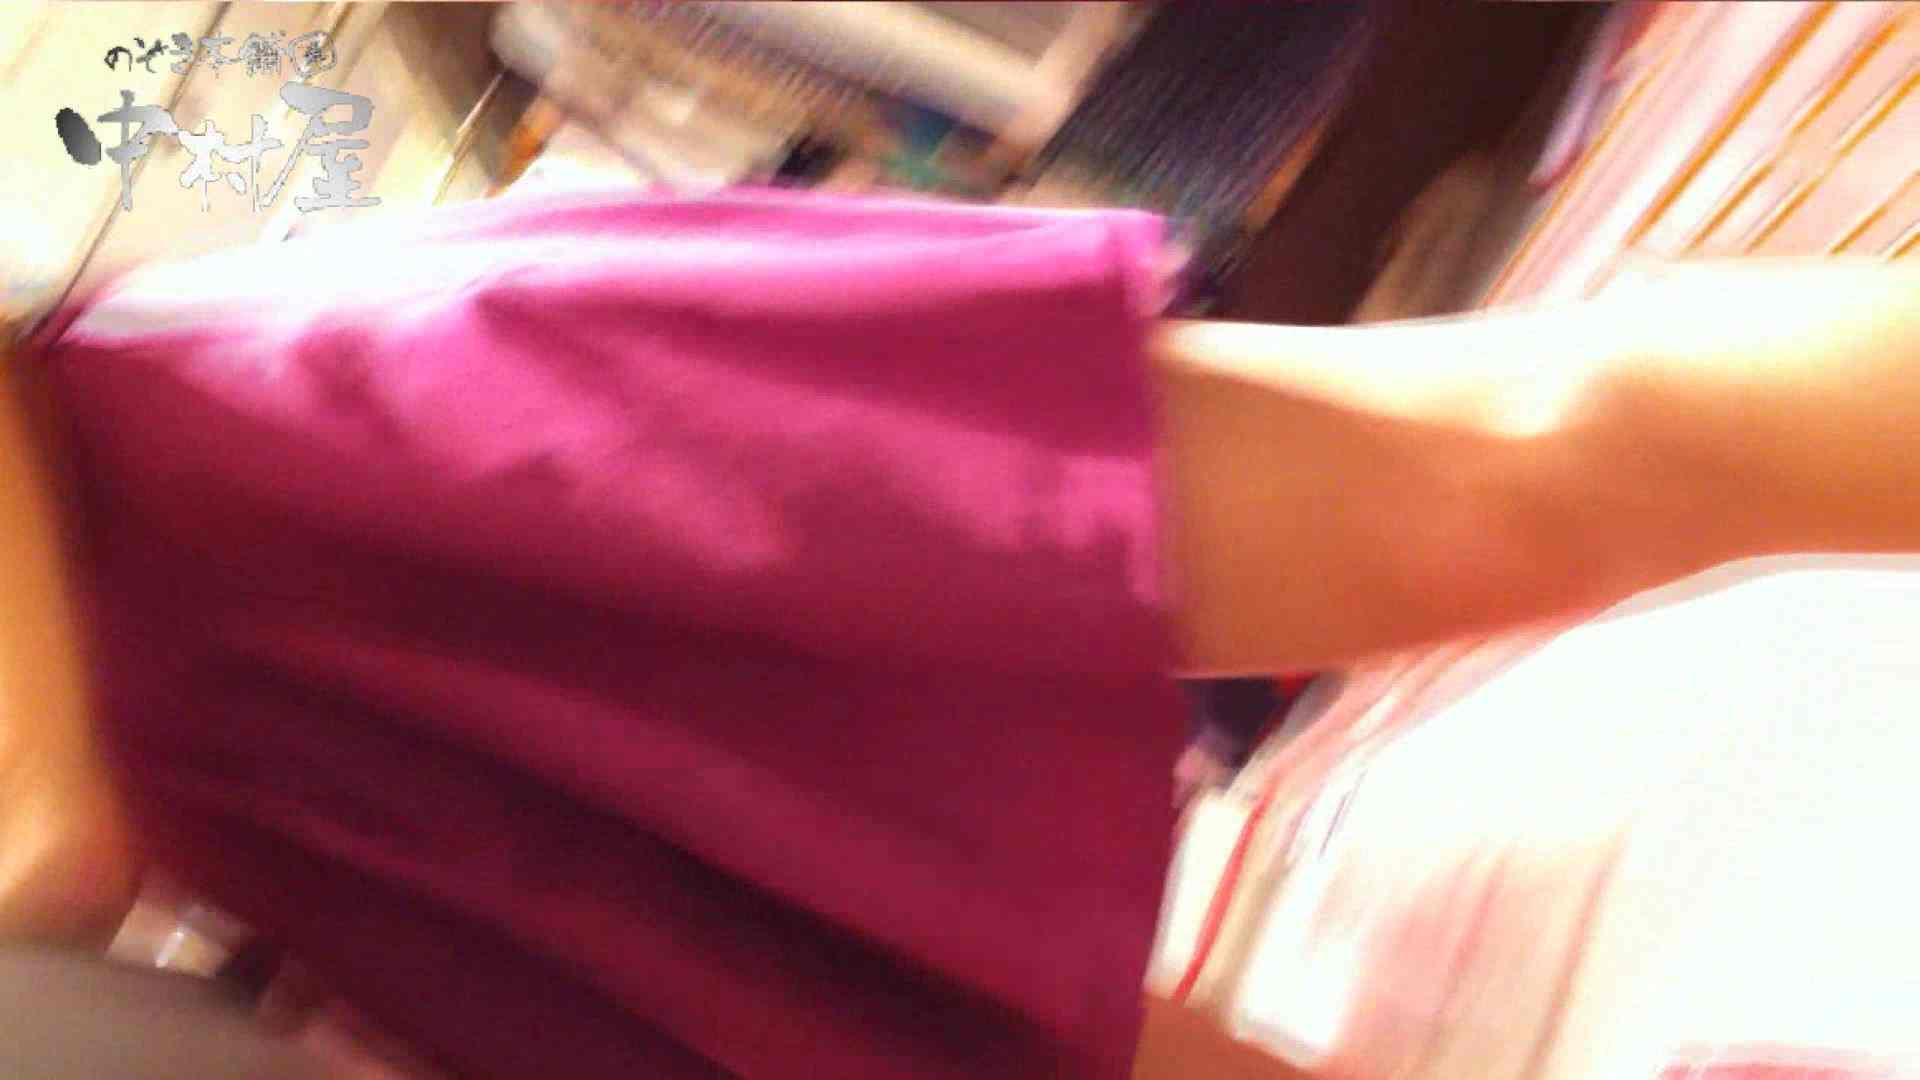 vol.62 美人アパレル胸チラ&パンチラ 笑顔のチャーミングなおねぃさん OLエロ画像 盗撮オマンコ無修正動画無料 102PICs 42